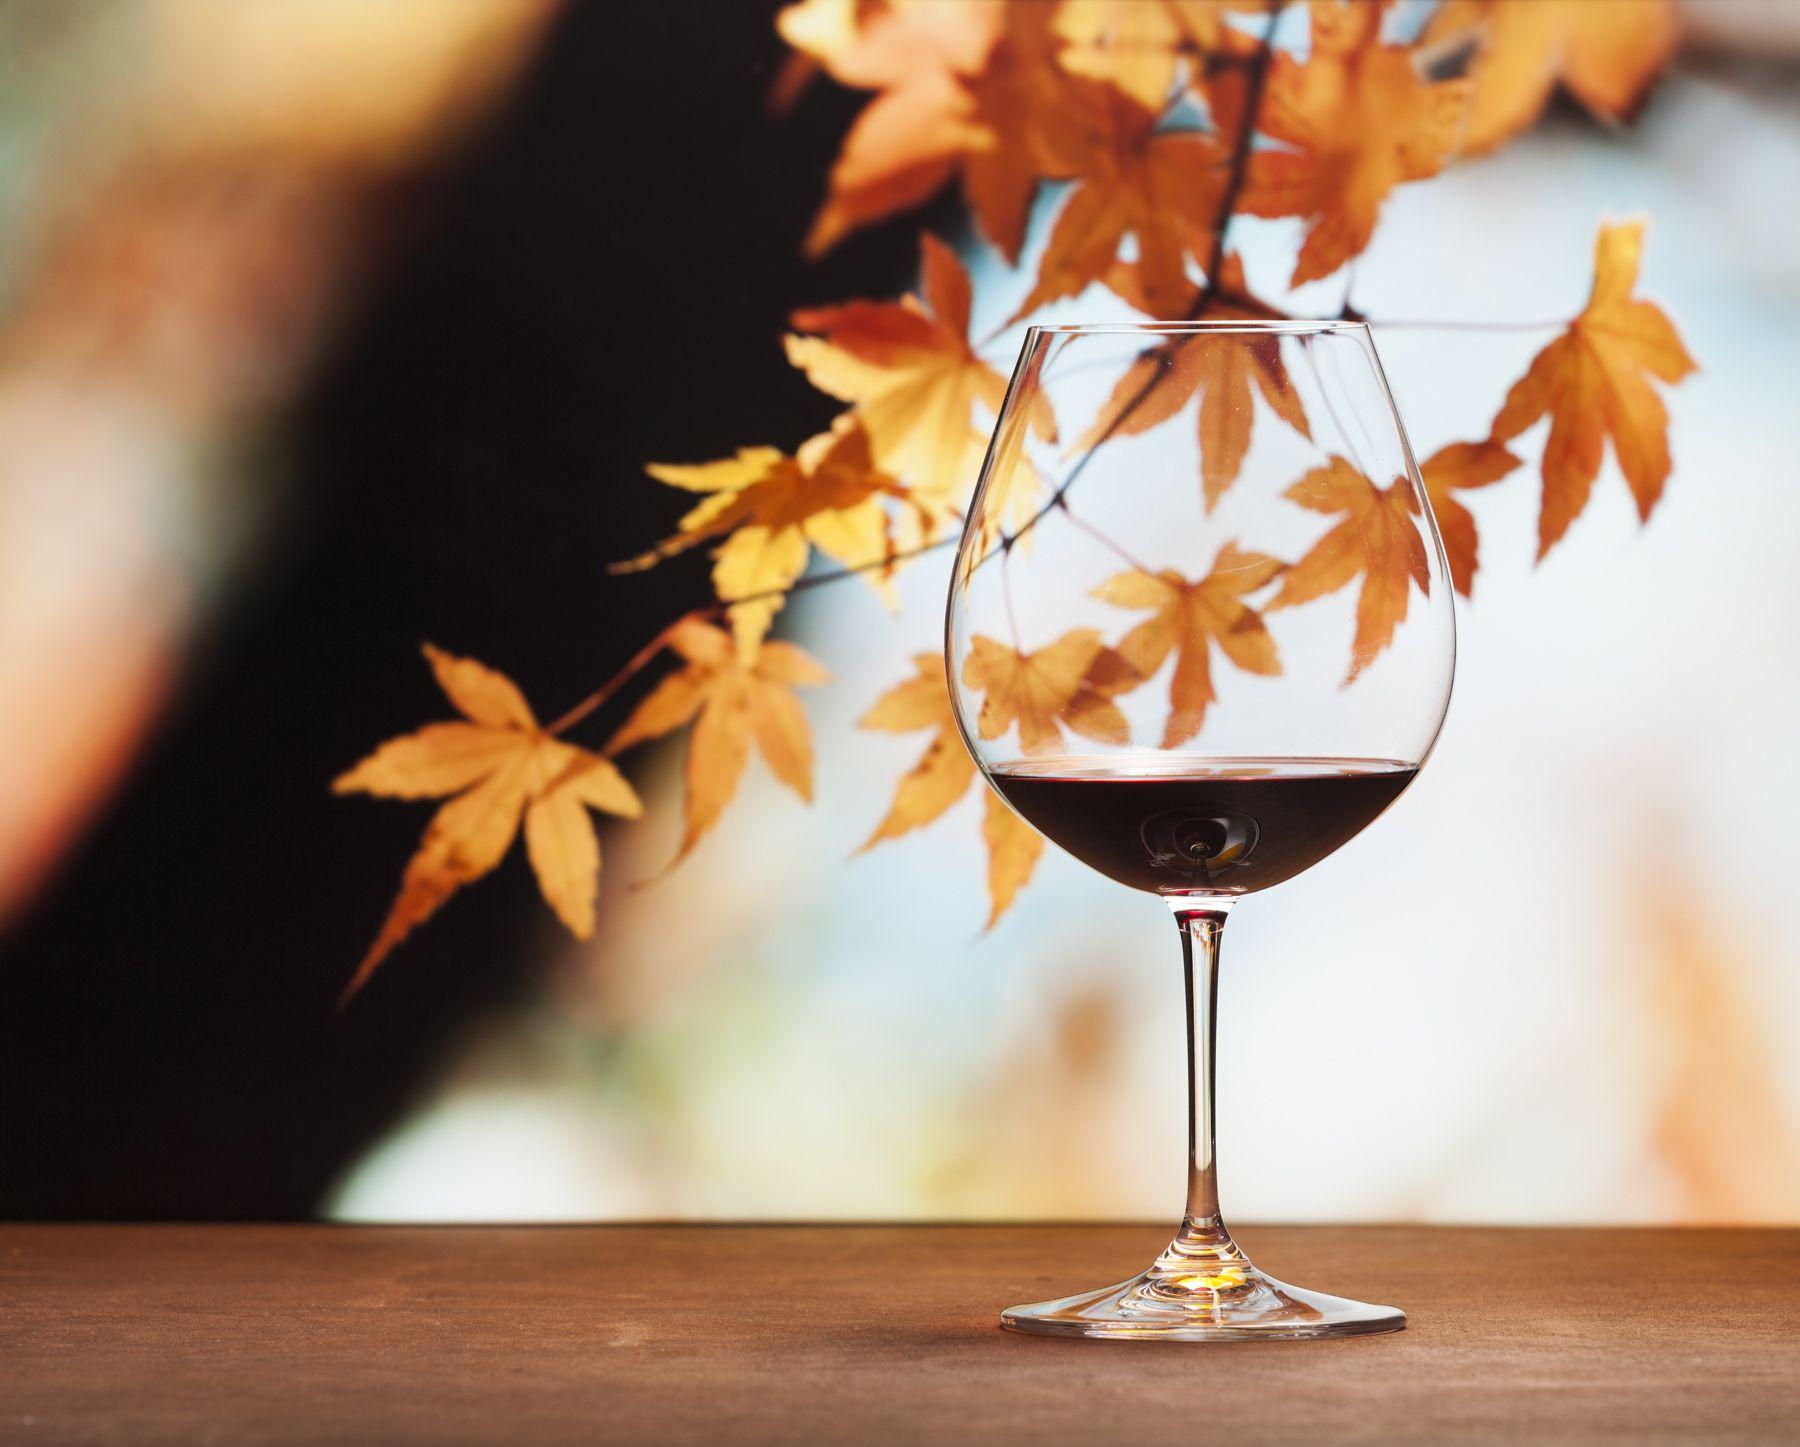 осень бокал красного вина: 8 тыс изображений найдено в Яндекс.Картинках | Красное вино, Картинки, Осень